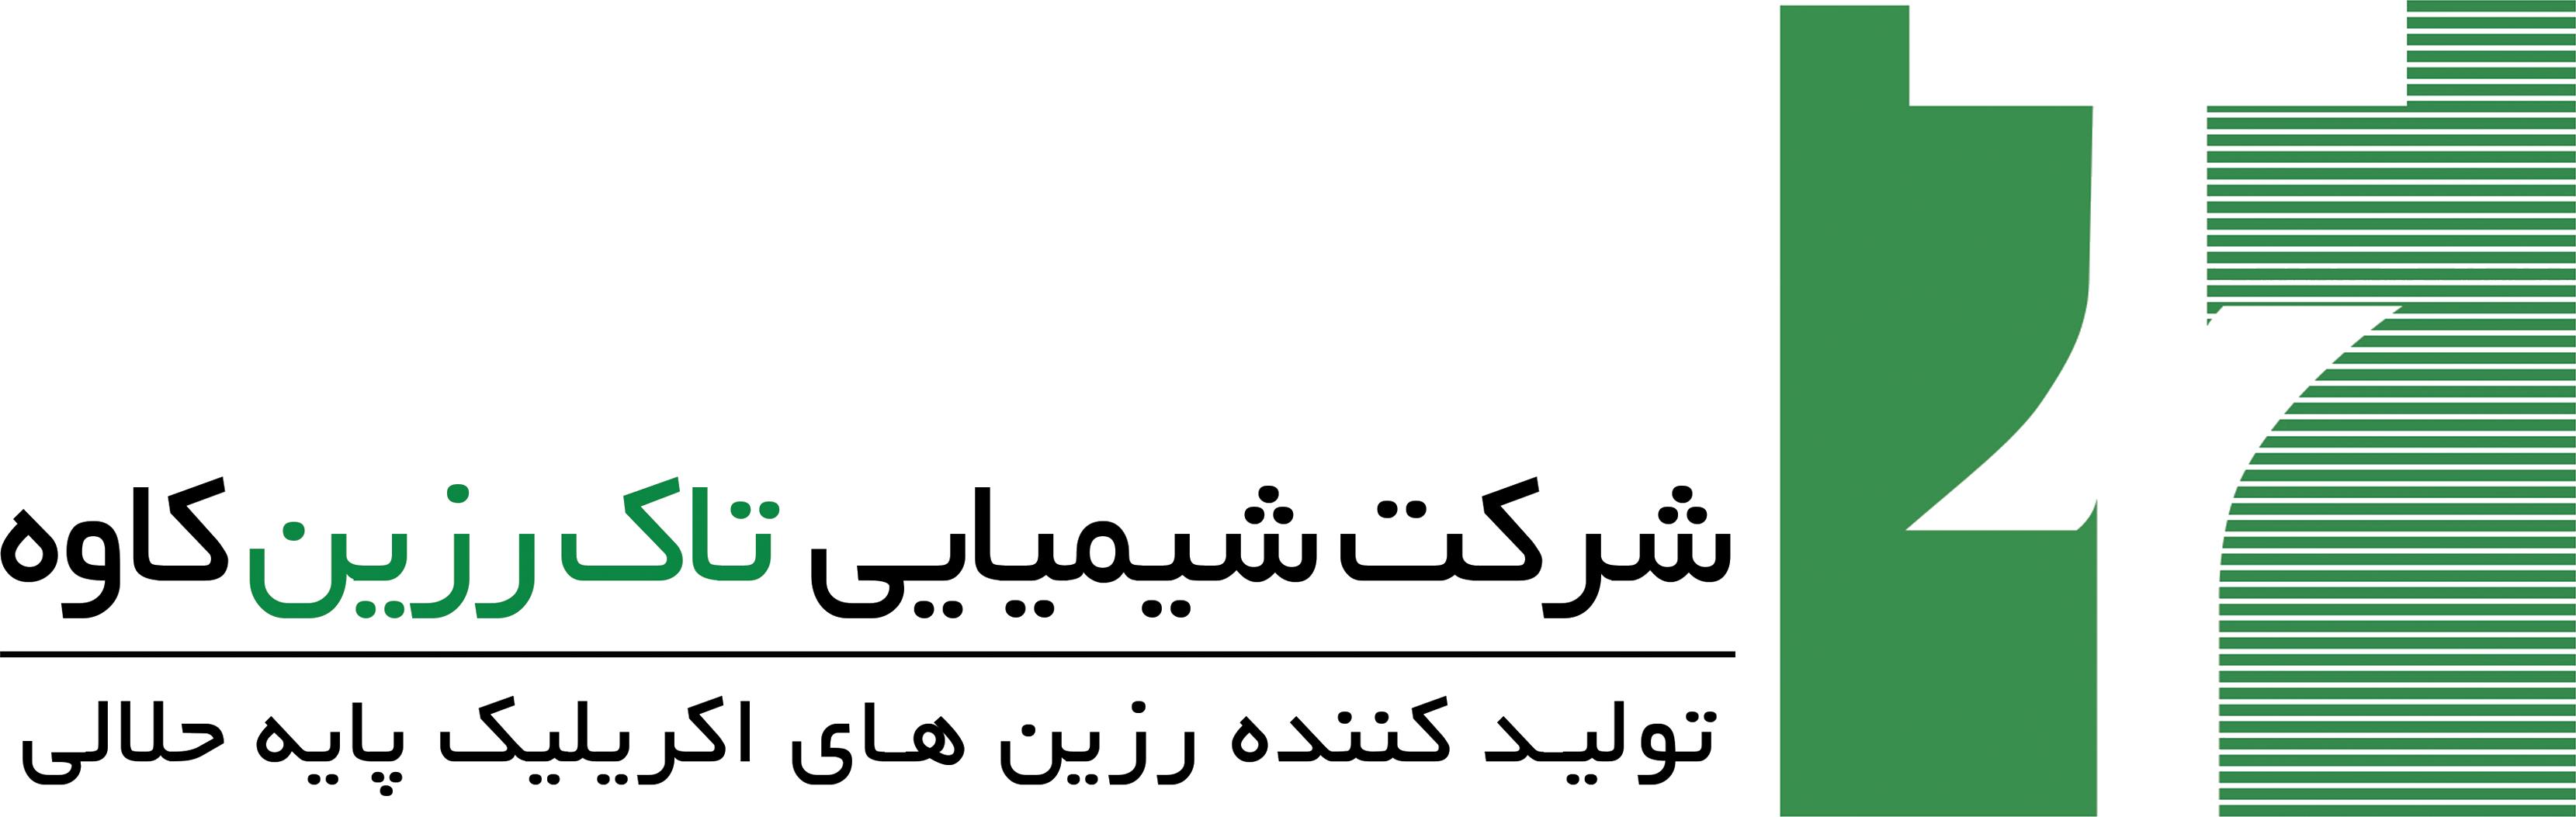 شیمیایی تاک رزین کاوه-تولیدکننده رزین های اکریلیک پایه حلالی